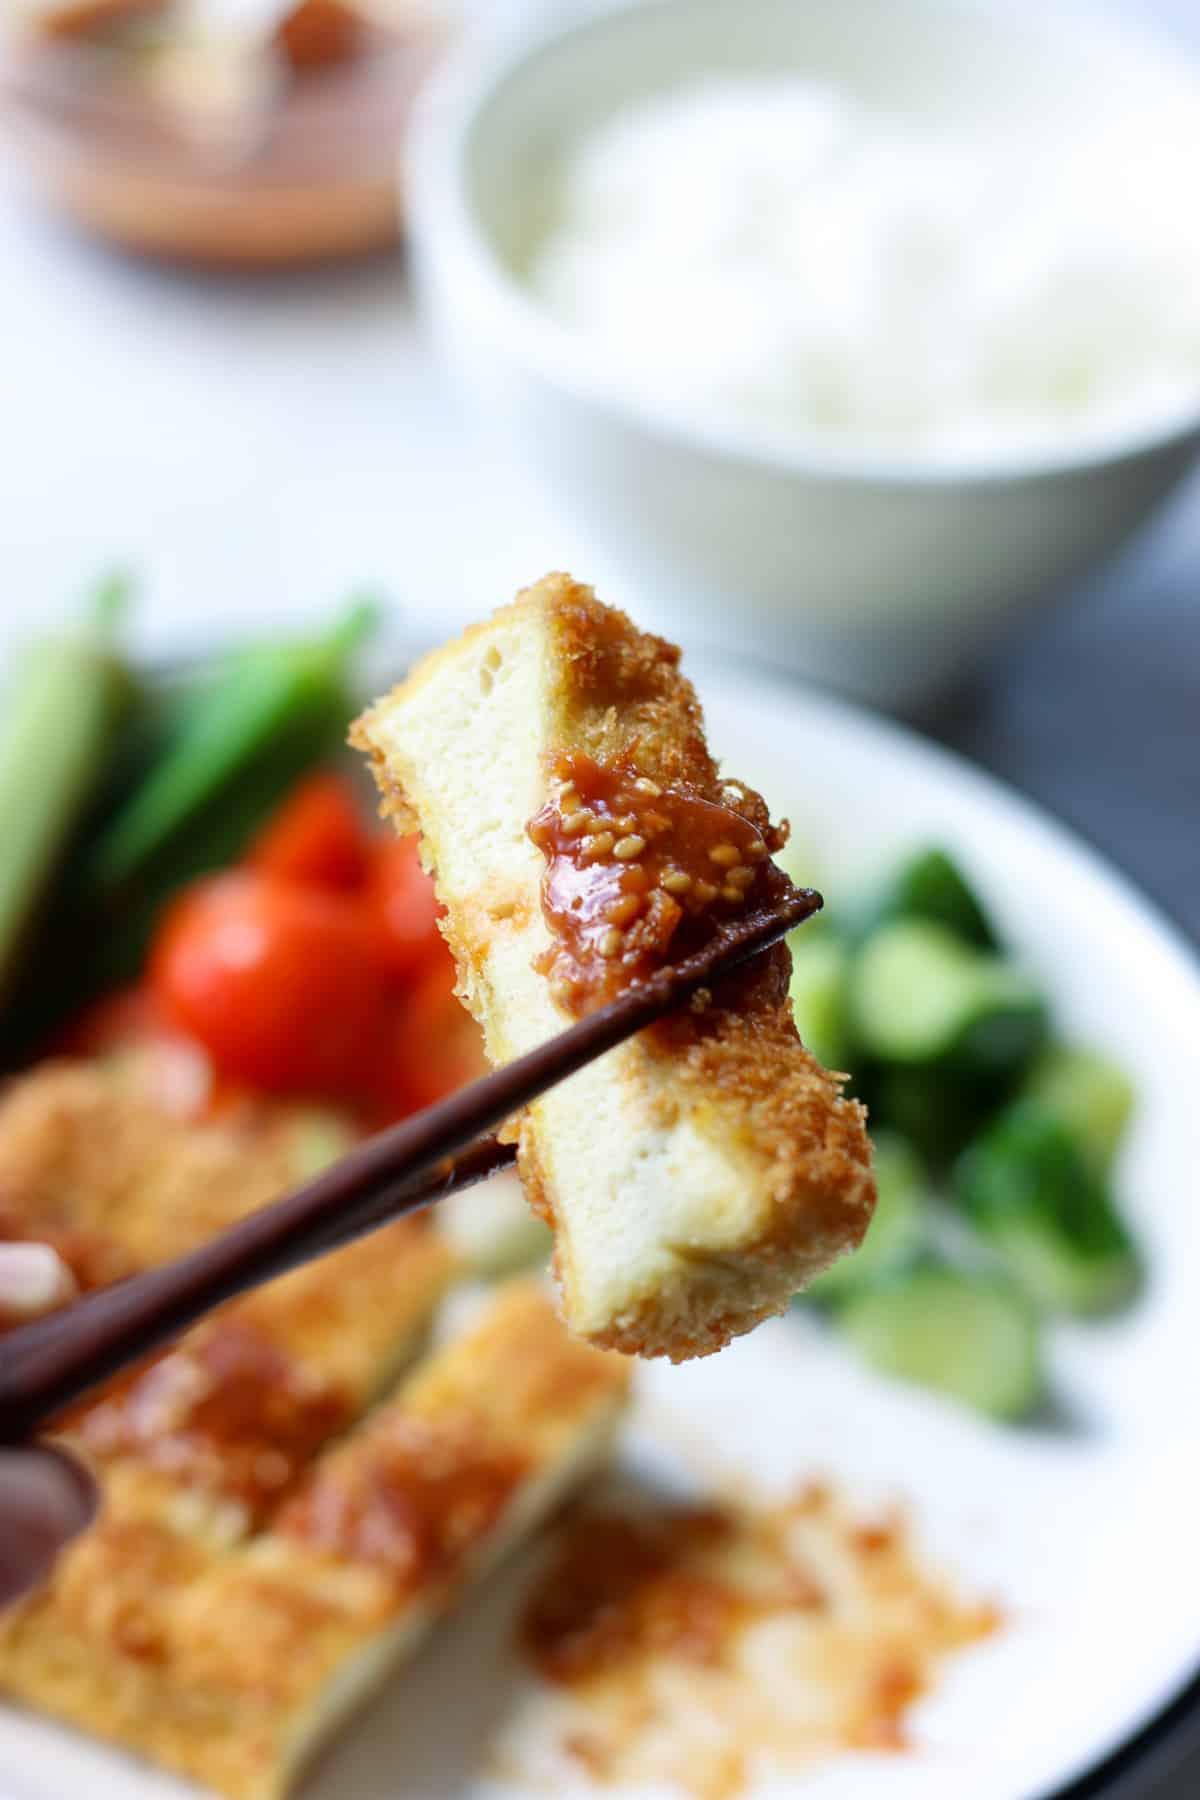 高野豆腐カツ一切れを箸でつまんだ様子